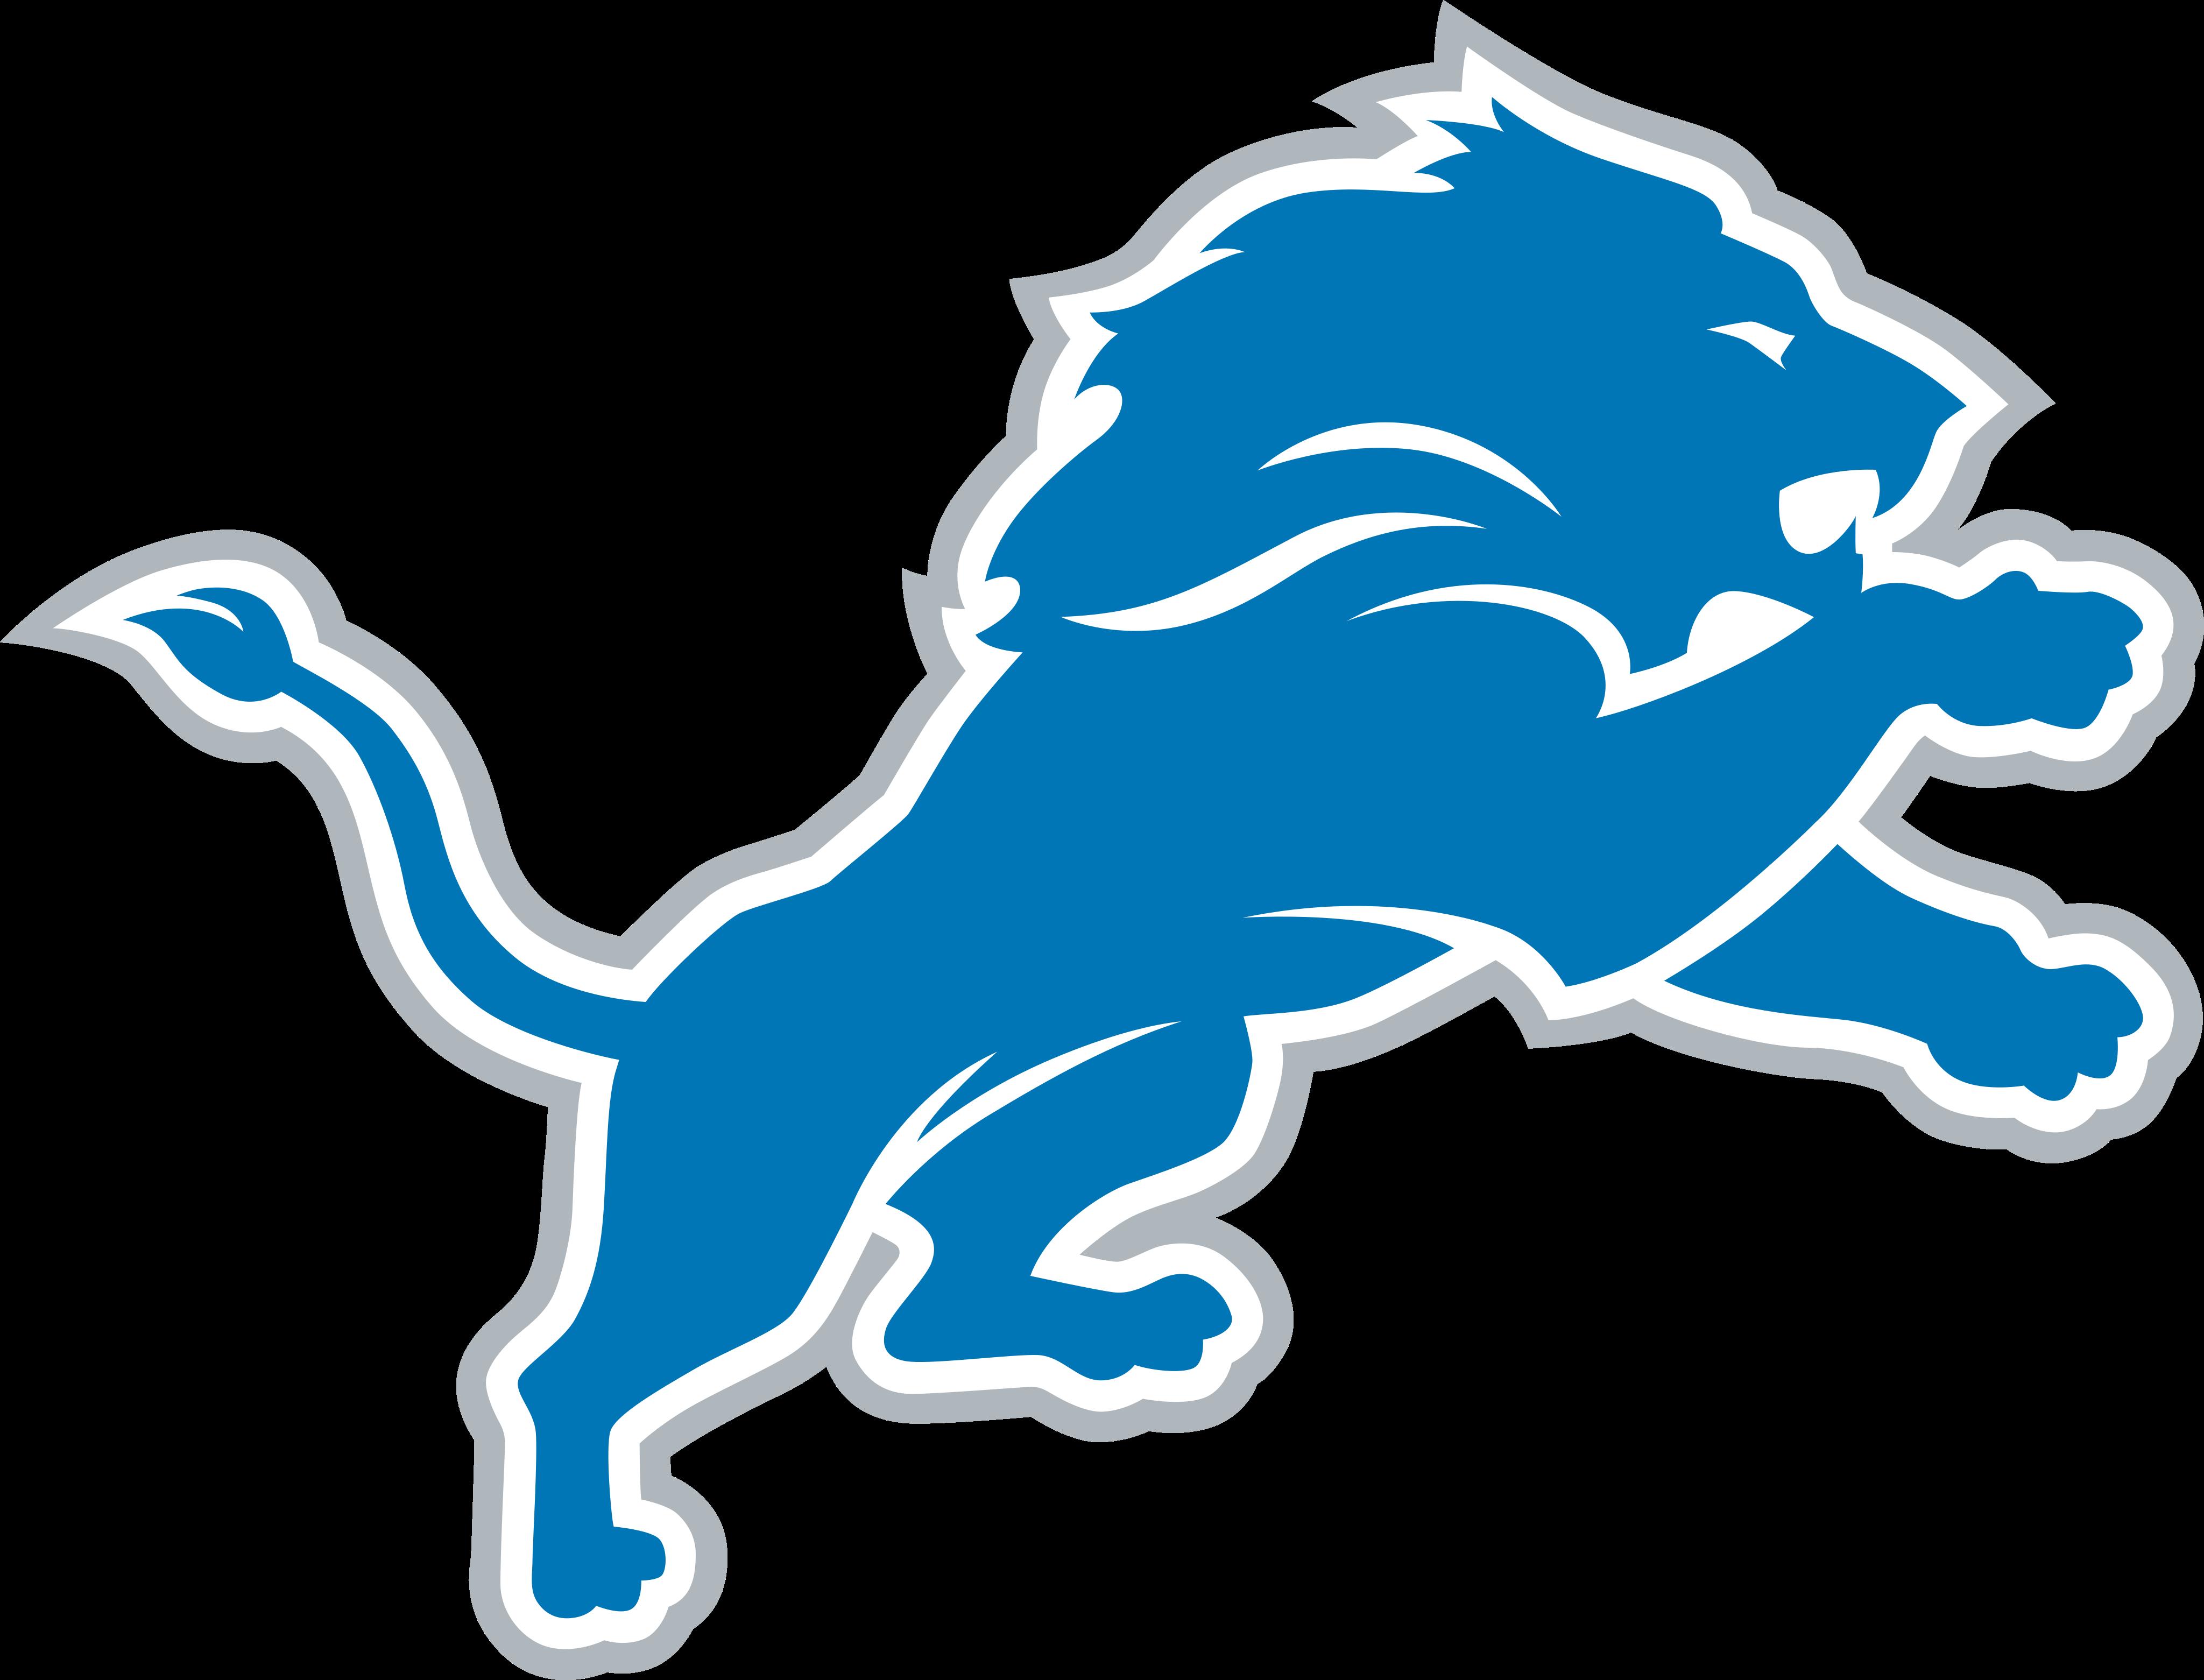 detroit lions logo 1 - Detroit Lions Logo